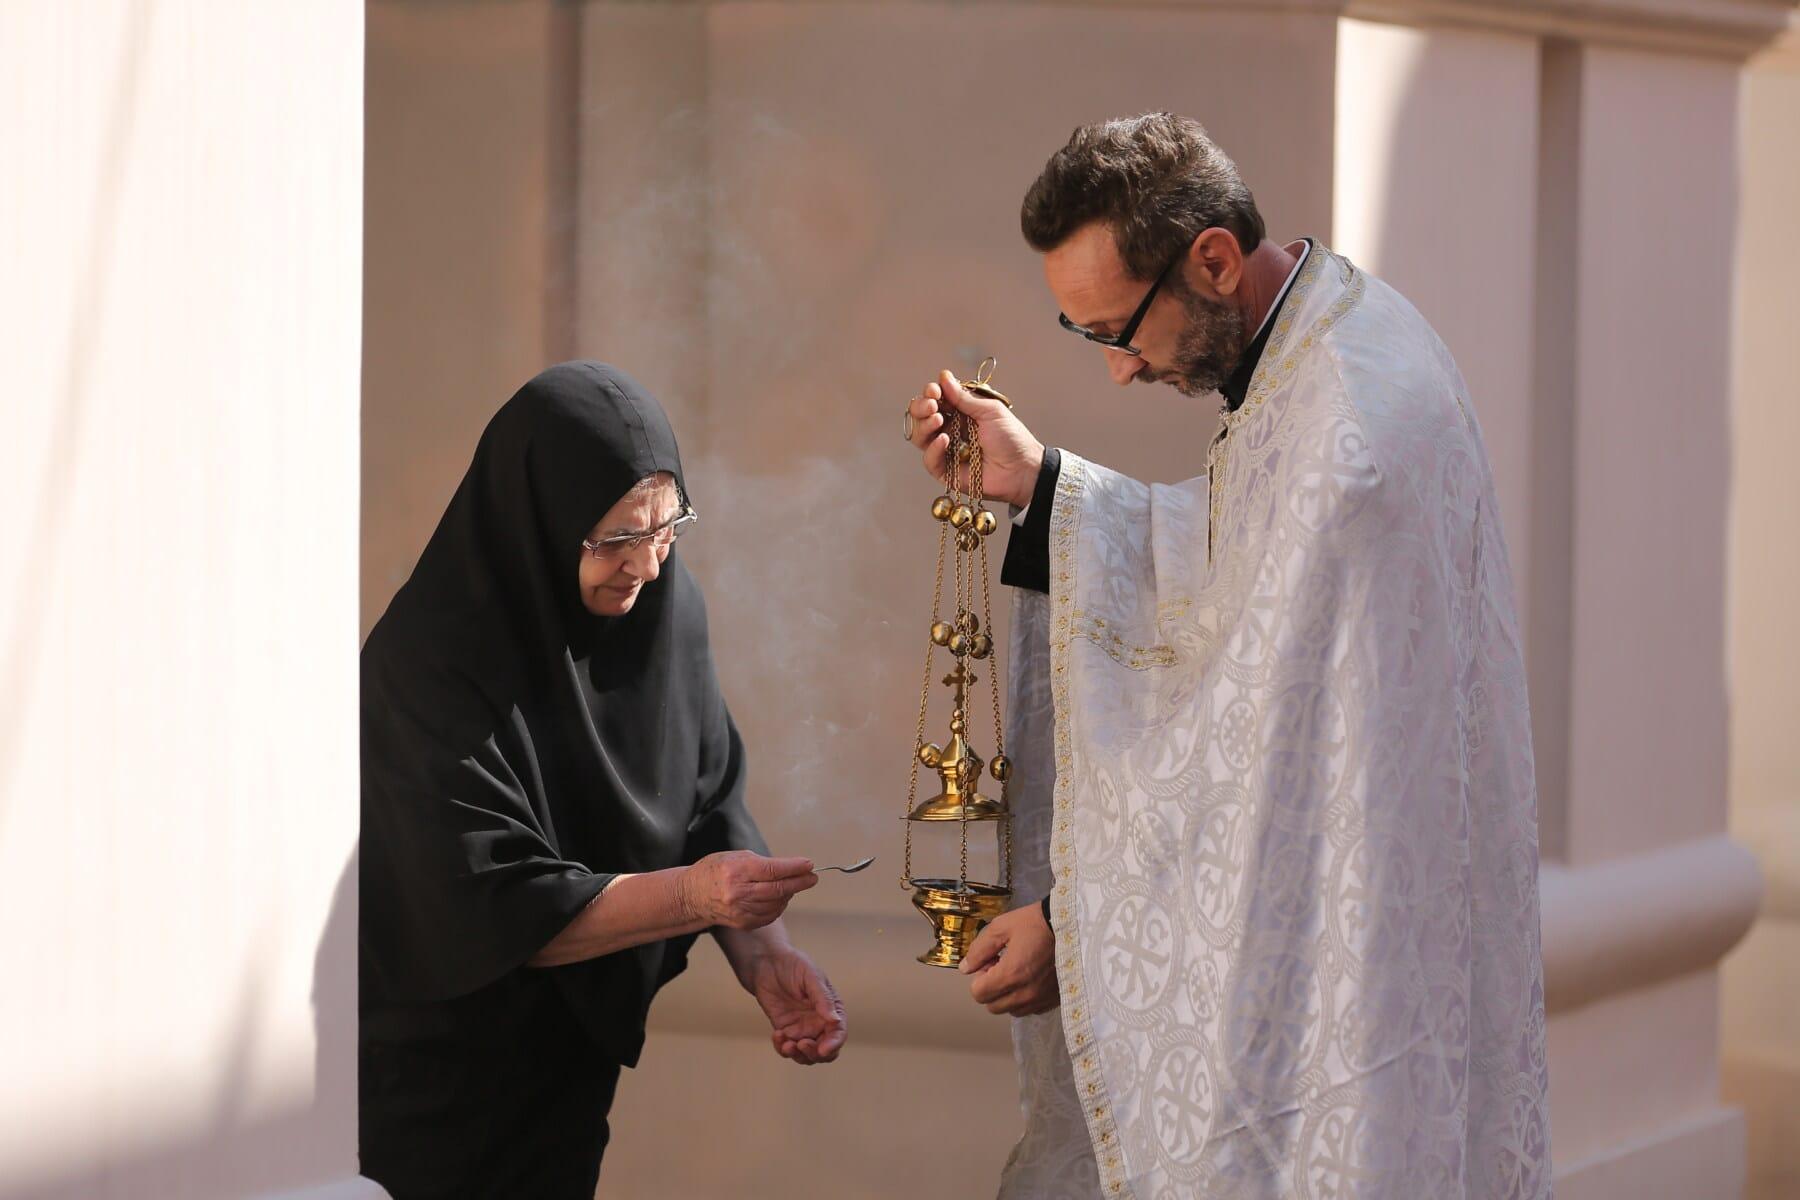 Nonne, Mönchin, russisch-orthodoxe Kirche, Priester, Ritual, Kloster, weiß, Kleidung, Kleid